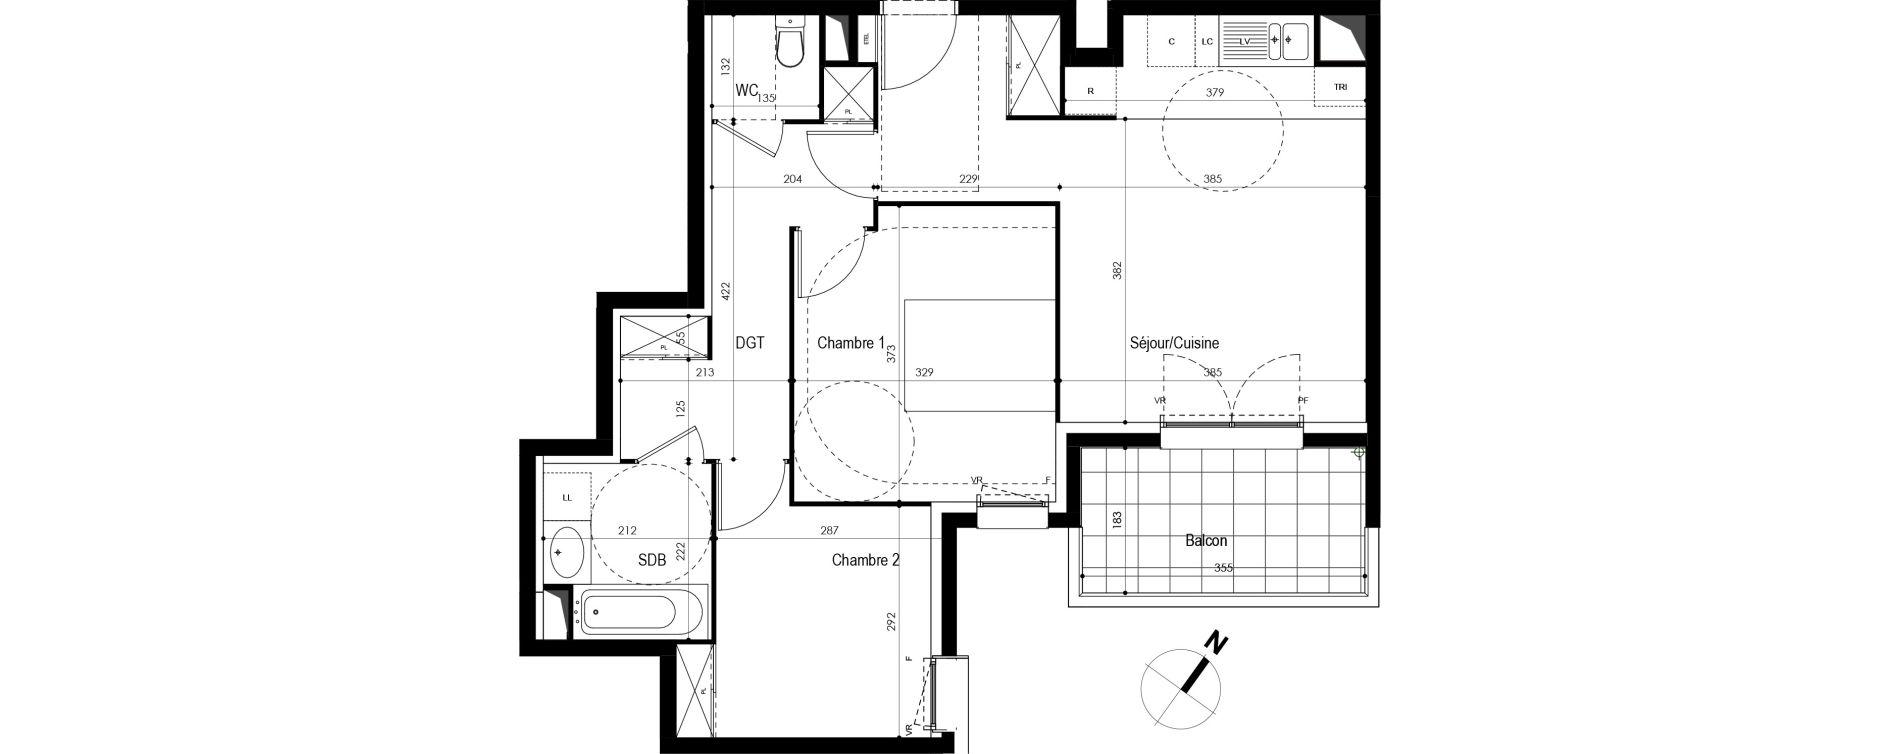 Appartement T3 de 59,20 m2 à Massy Atlantis